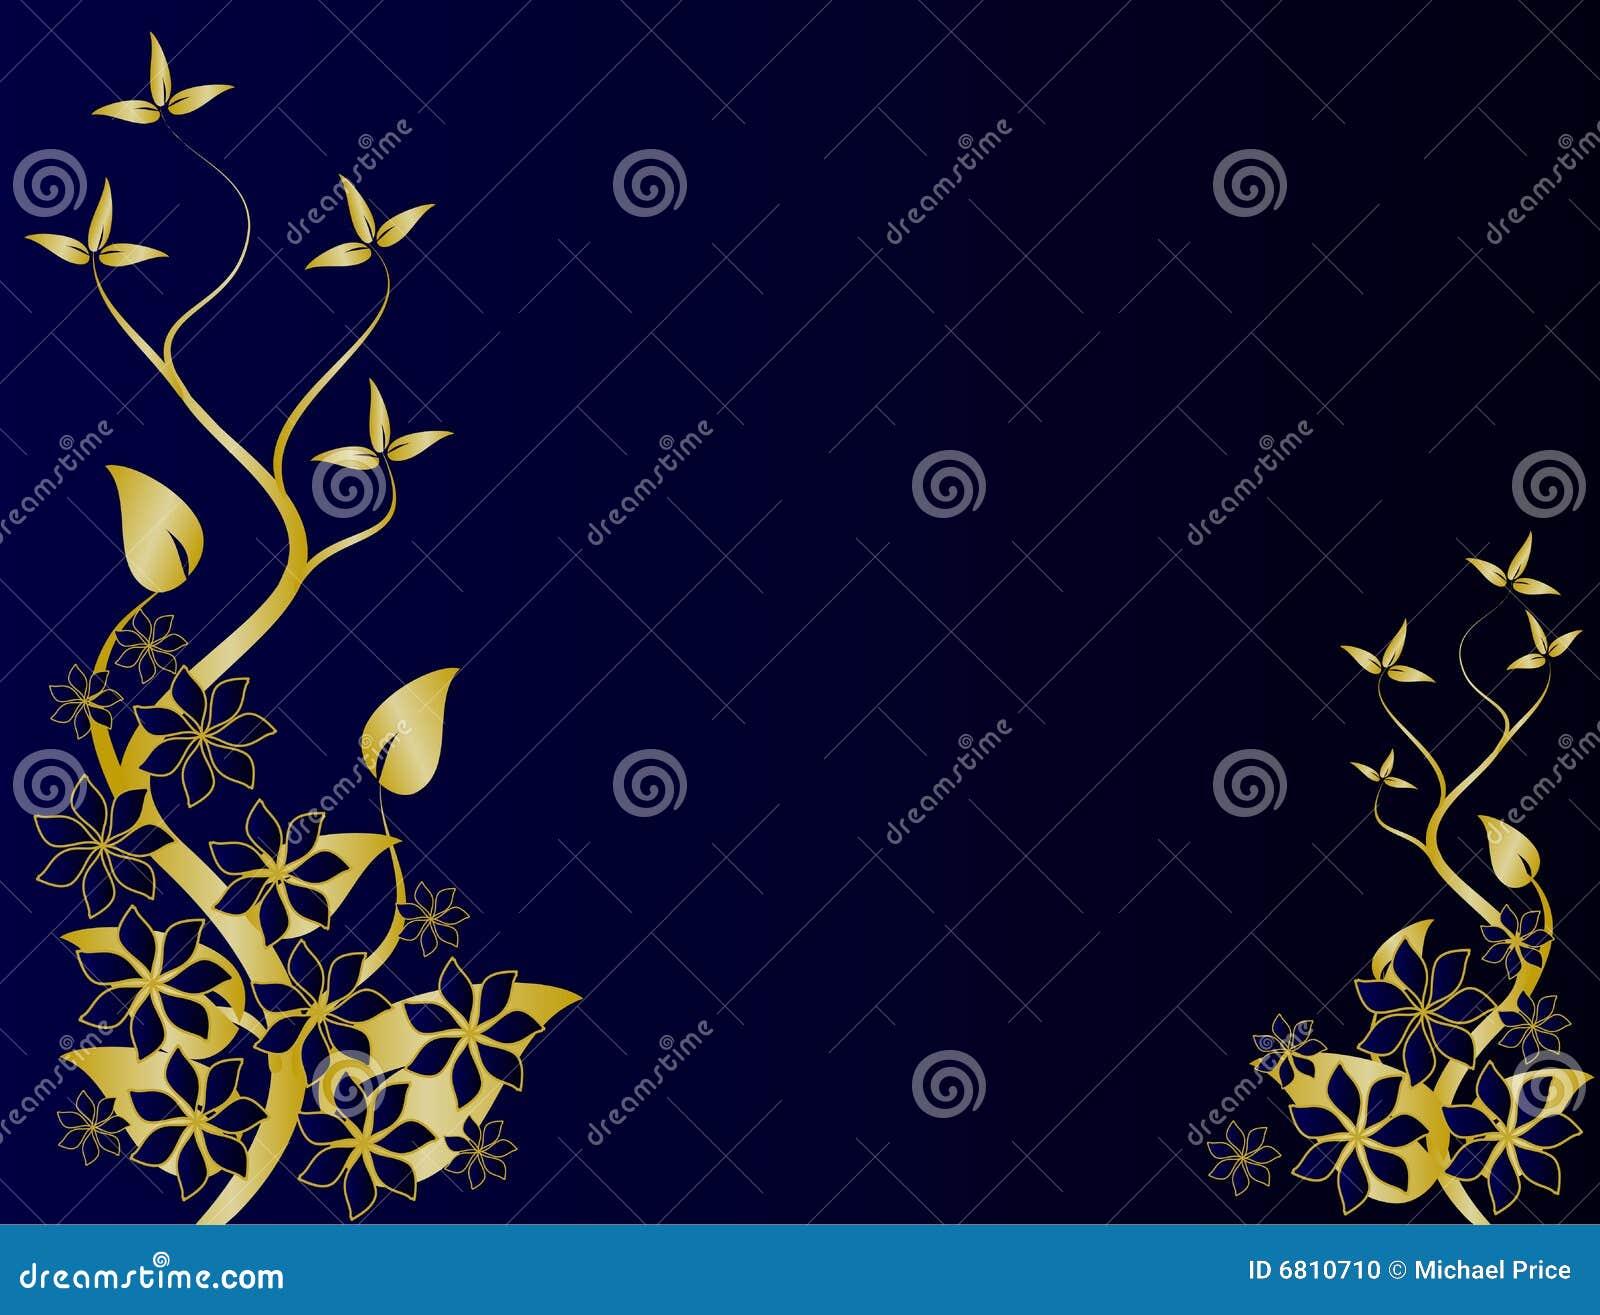 Gold Blue Floral Background